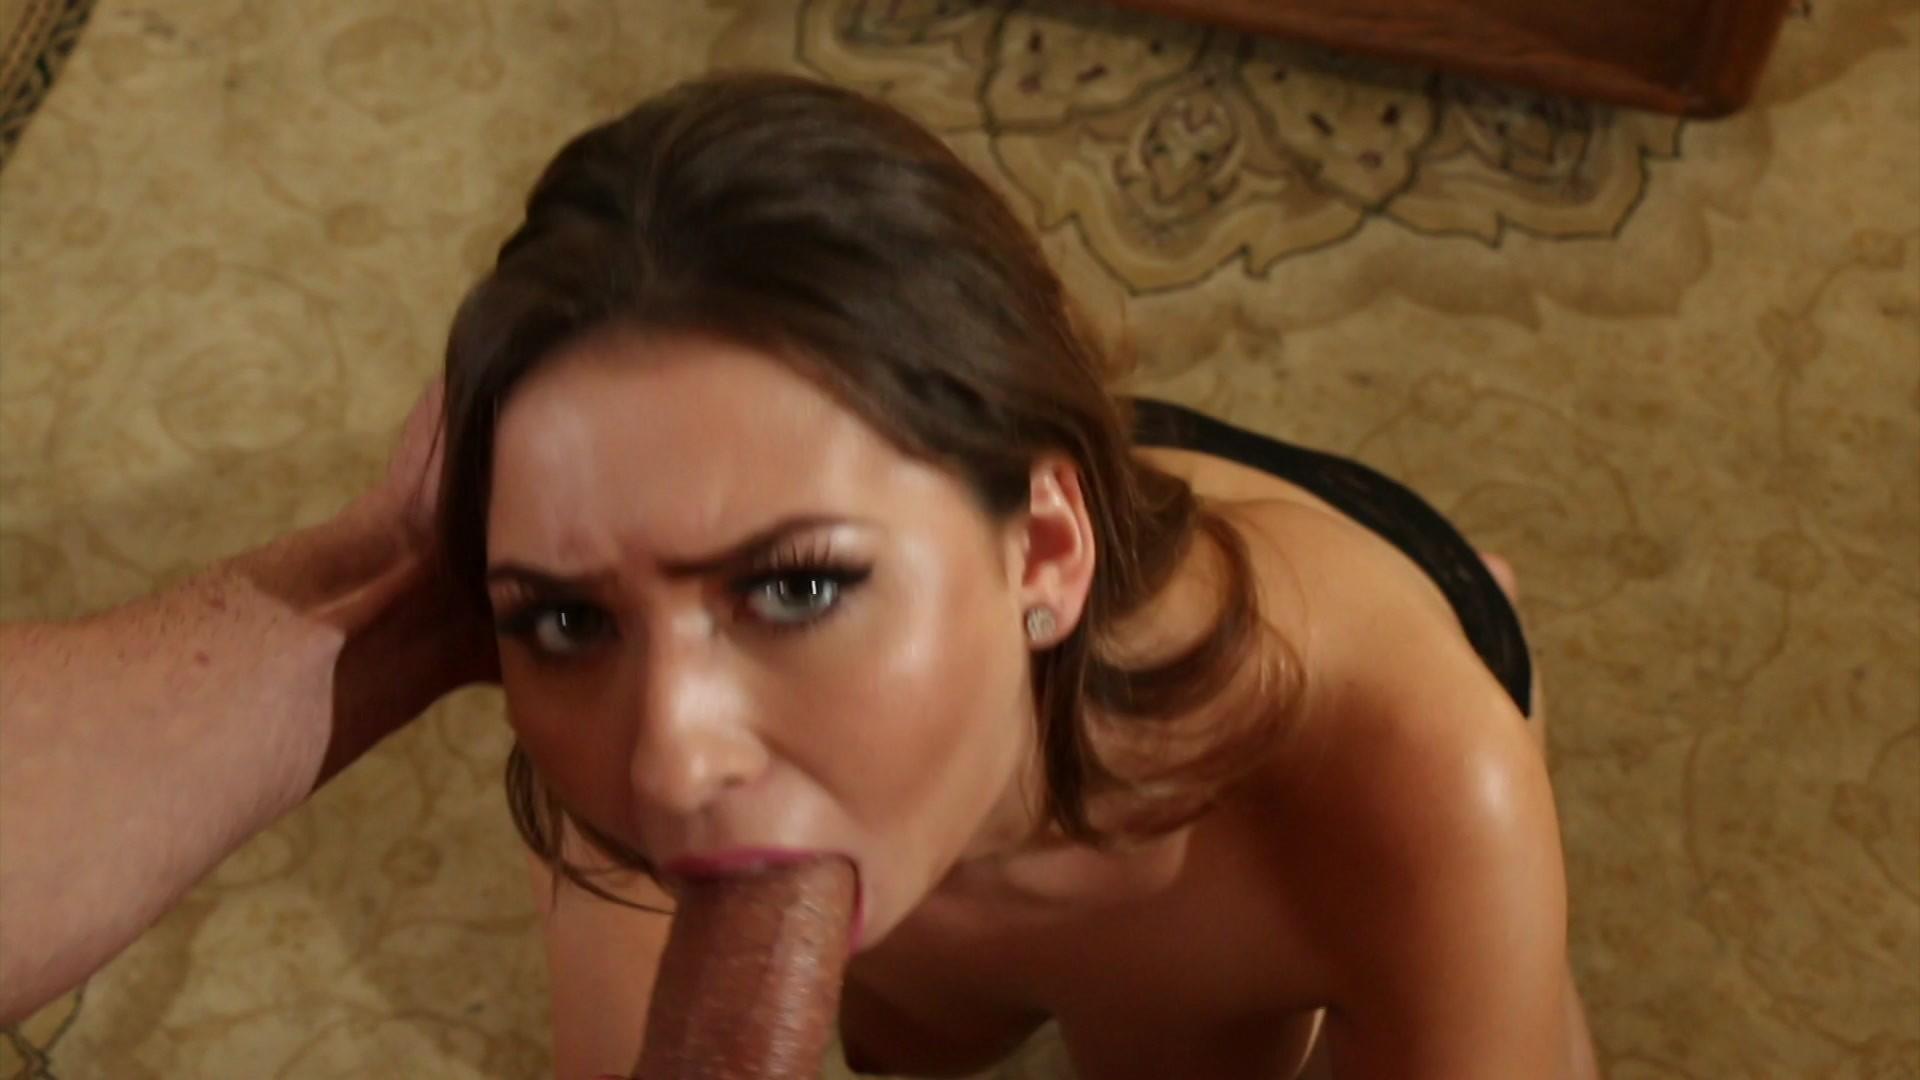 горловое порно от первого лица пользоваться